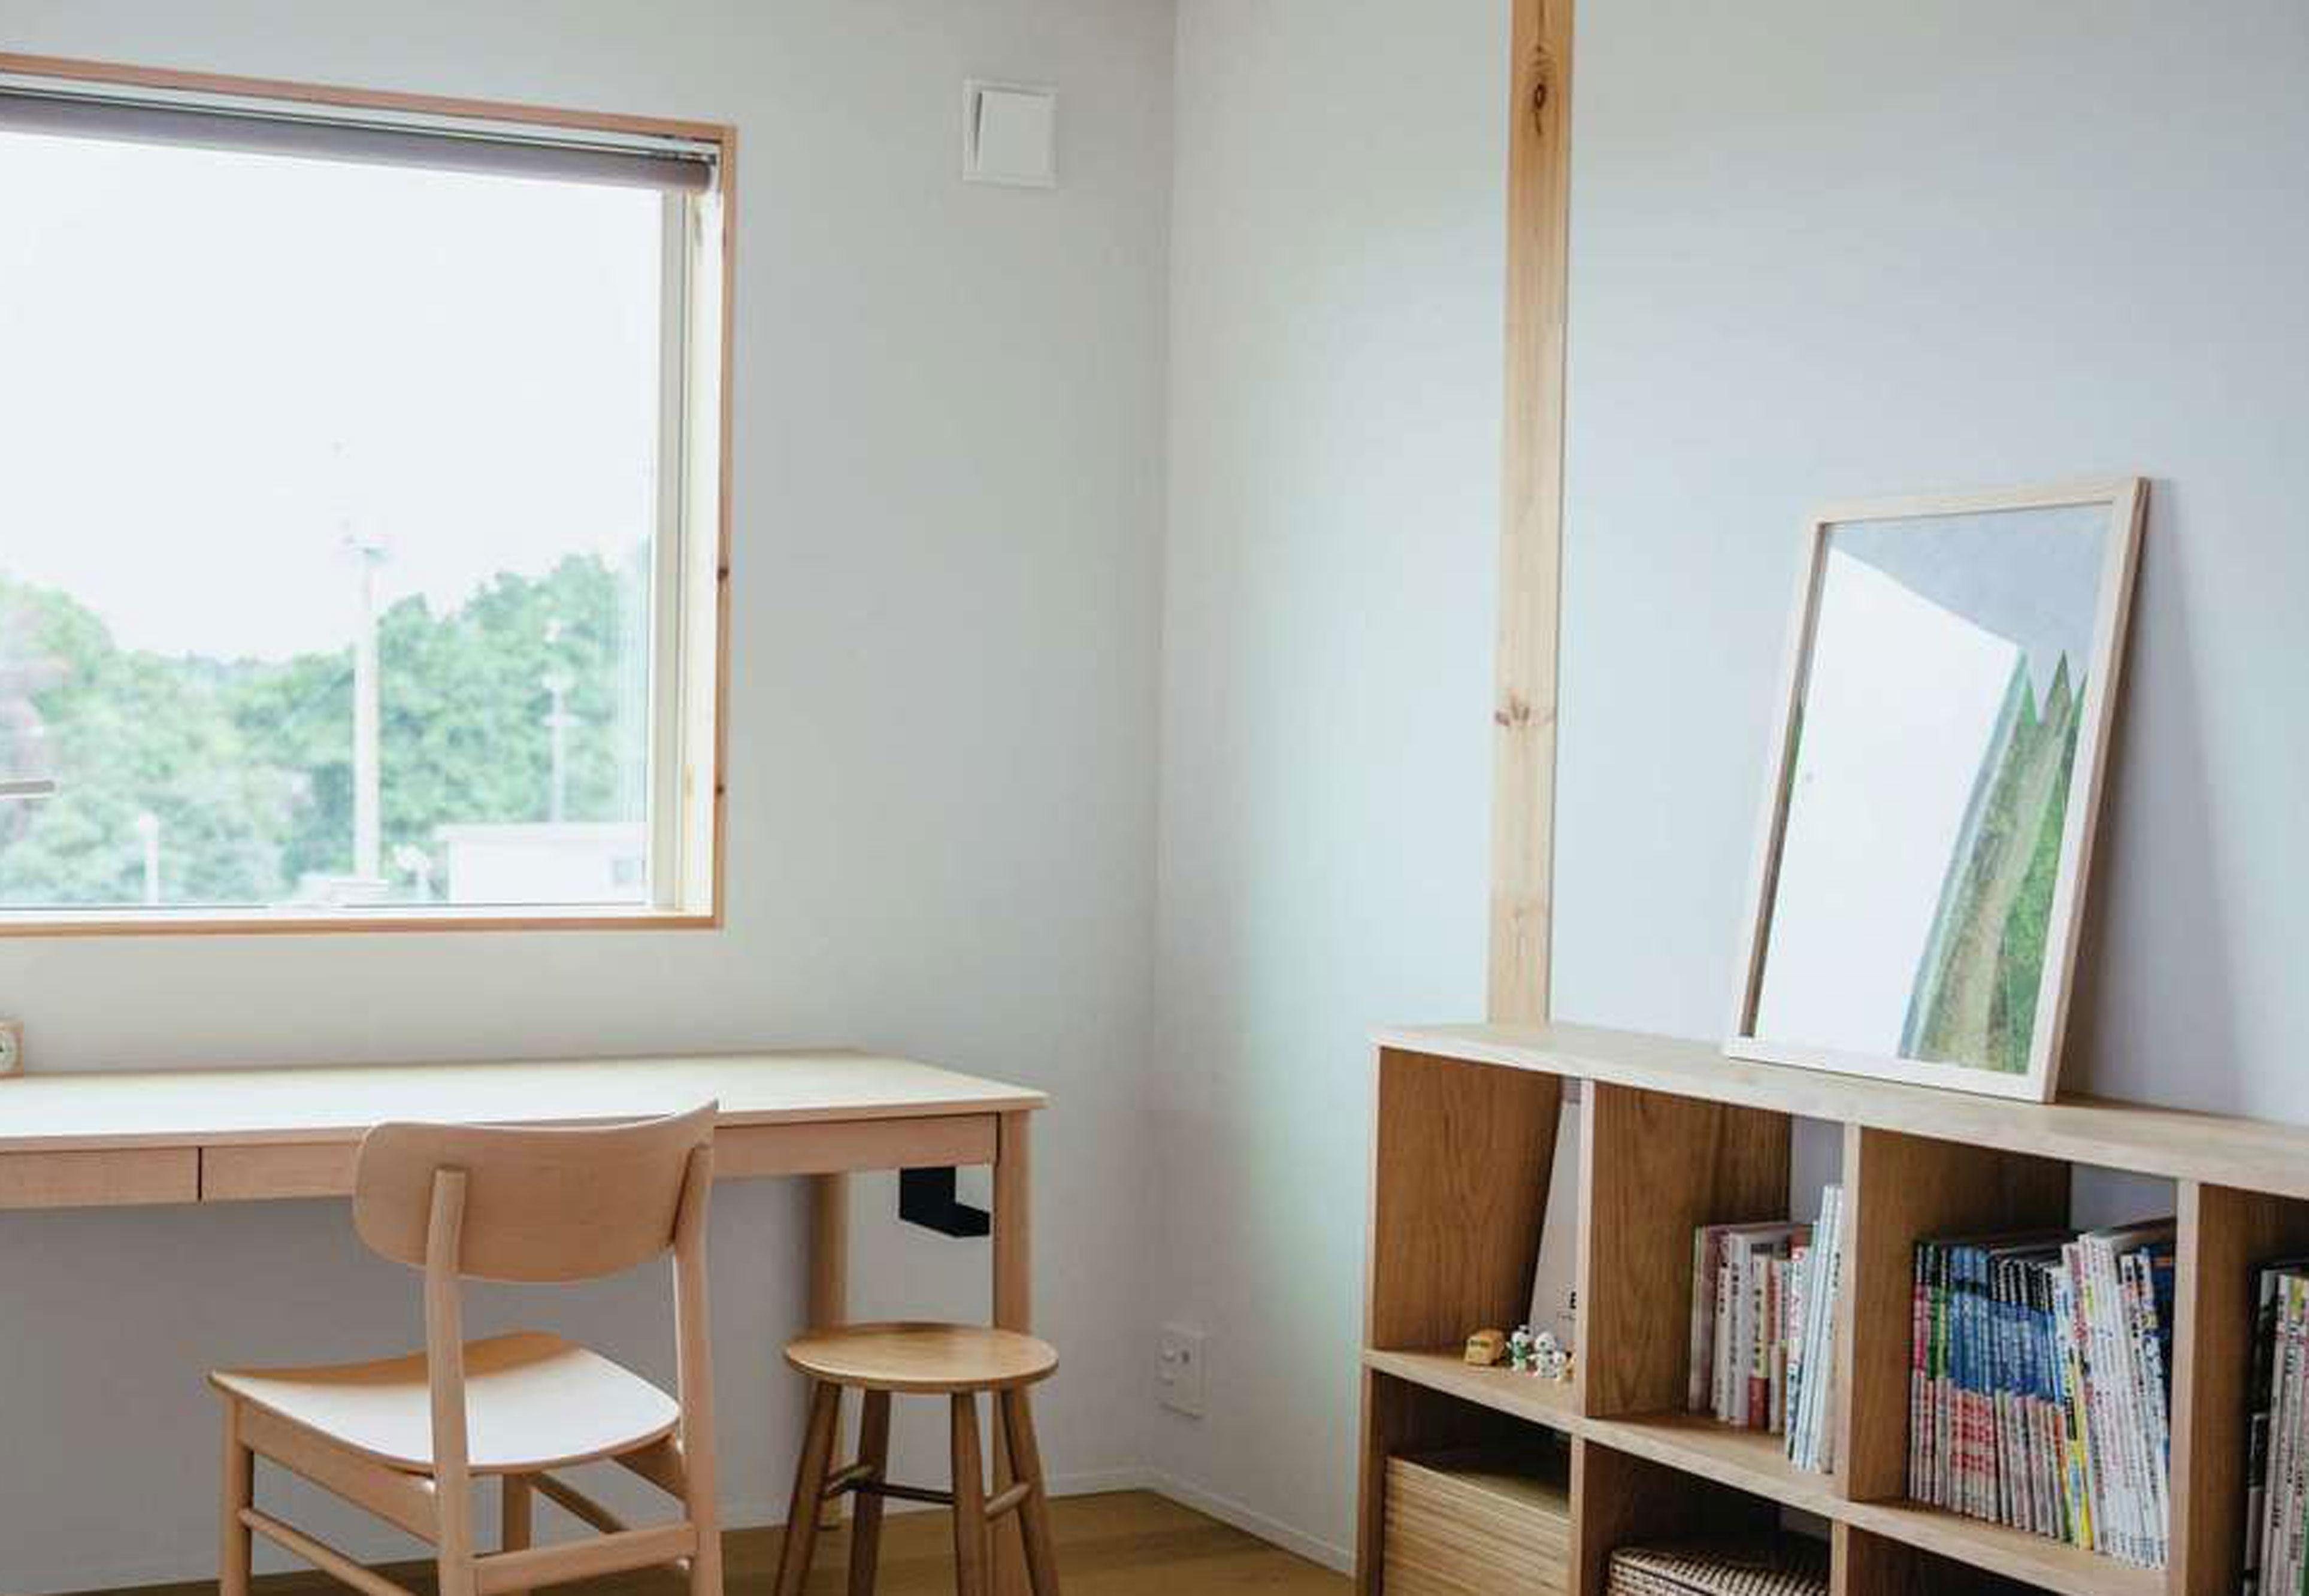 無印良品の家 浜松店(インフィルプラス)【デザイン住宅、自然素材、インテリア】2階フリースペースには茶畑の景を切り取るピクチャーウィンドウを